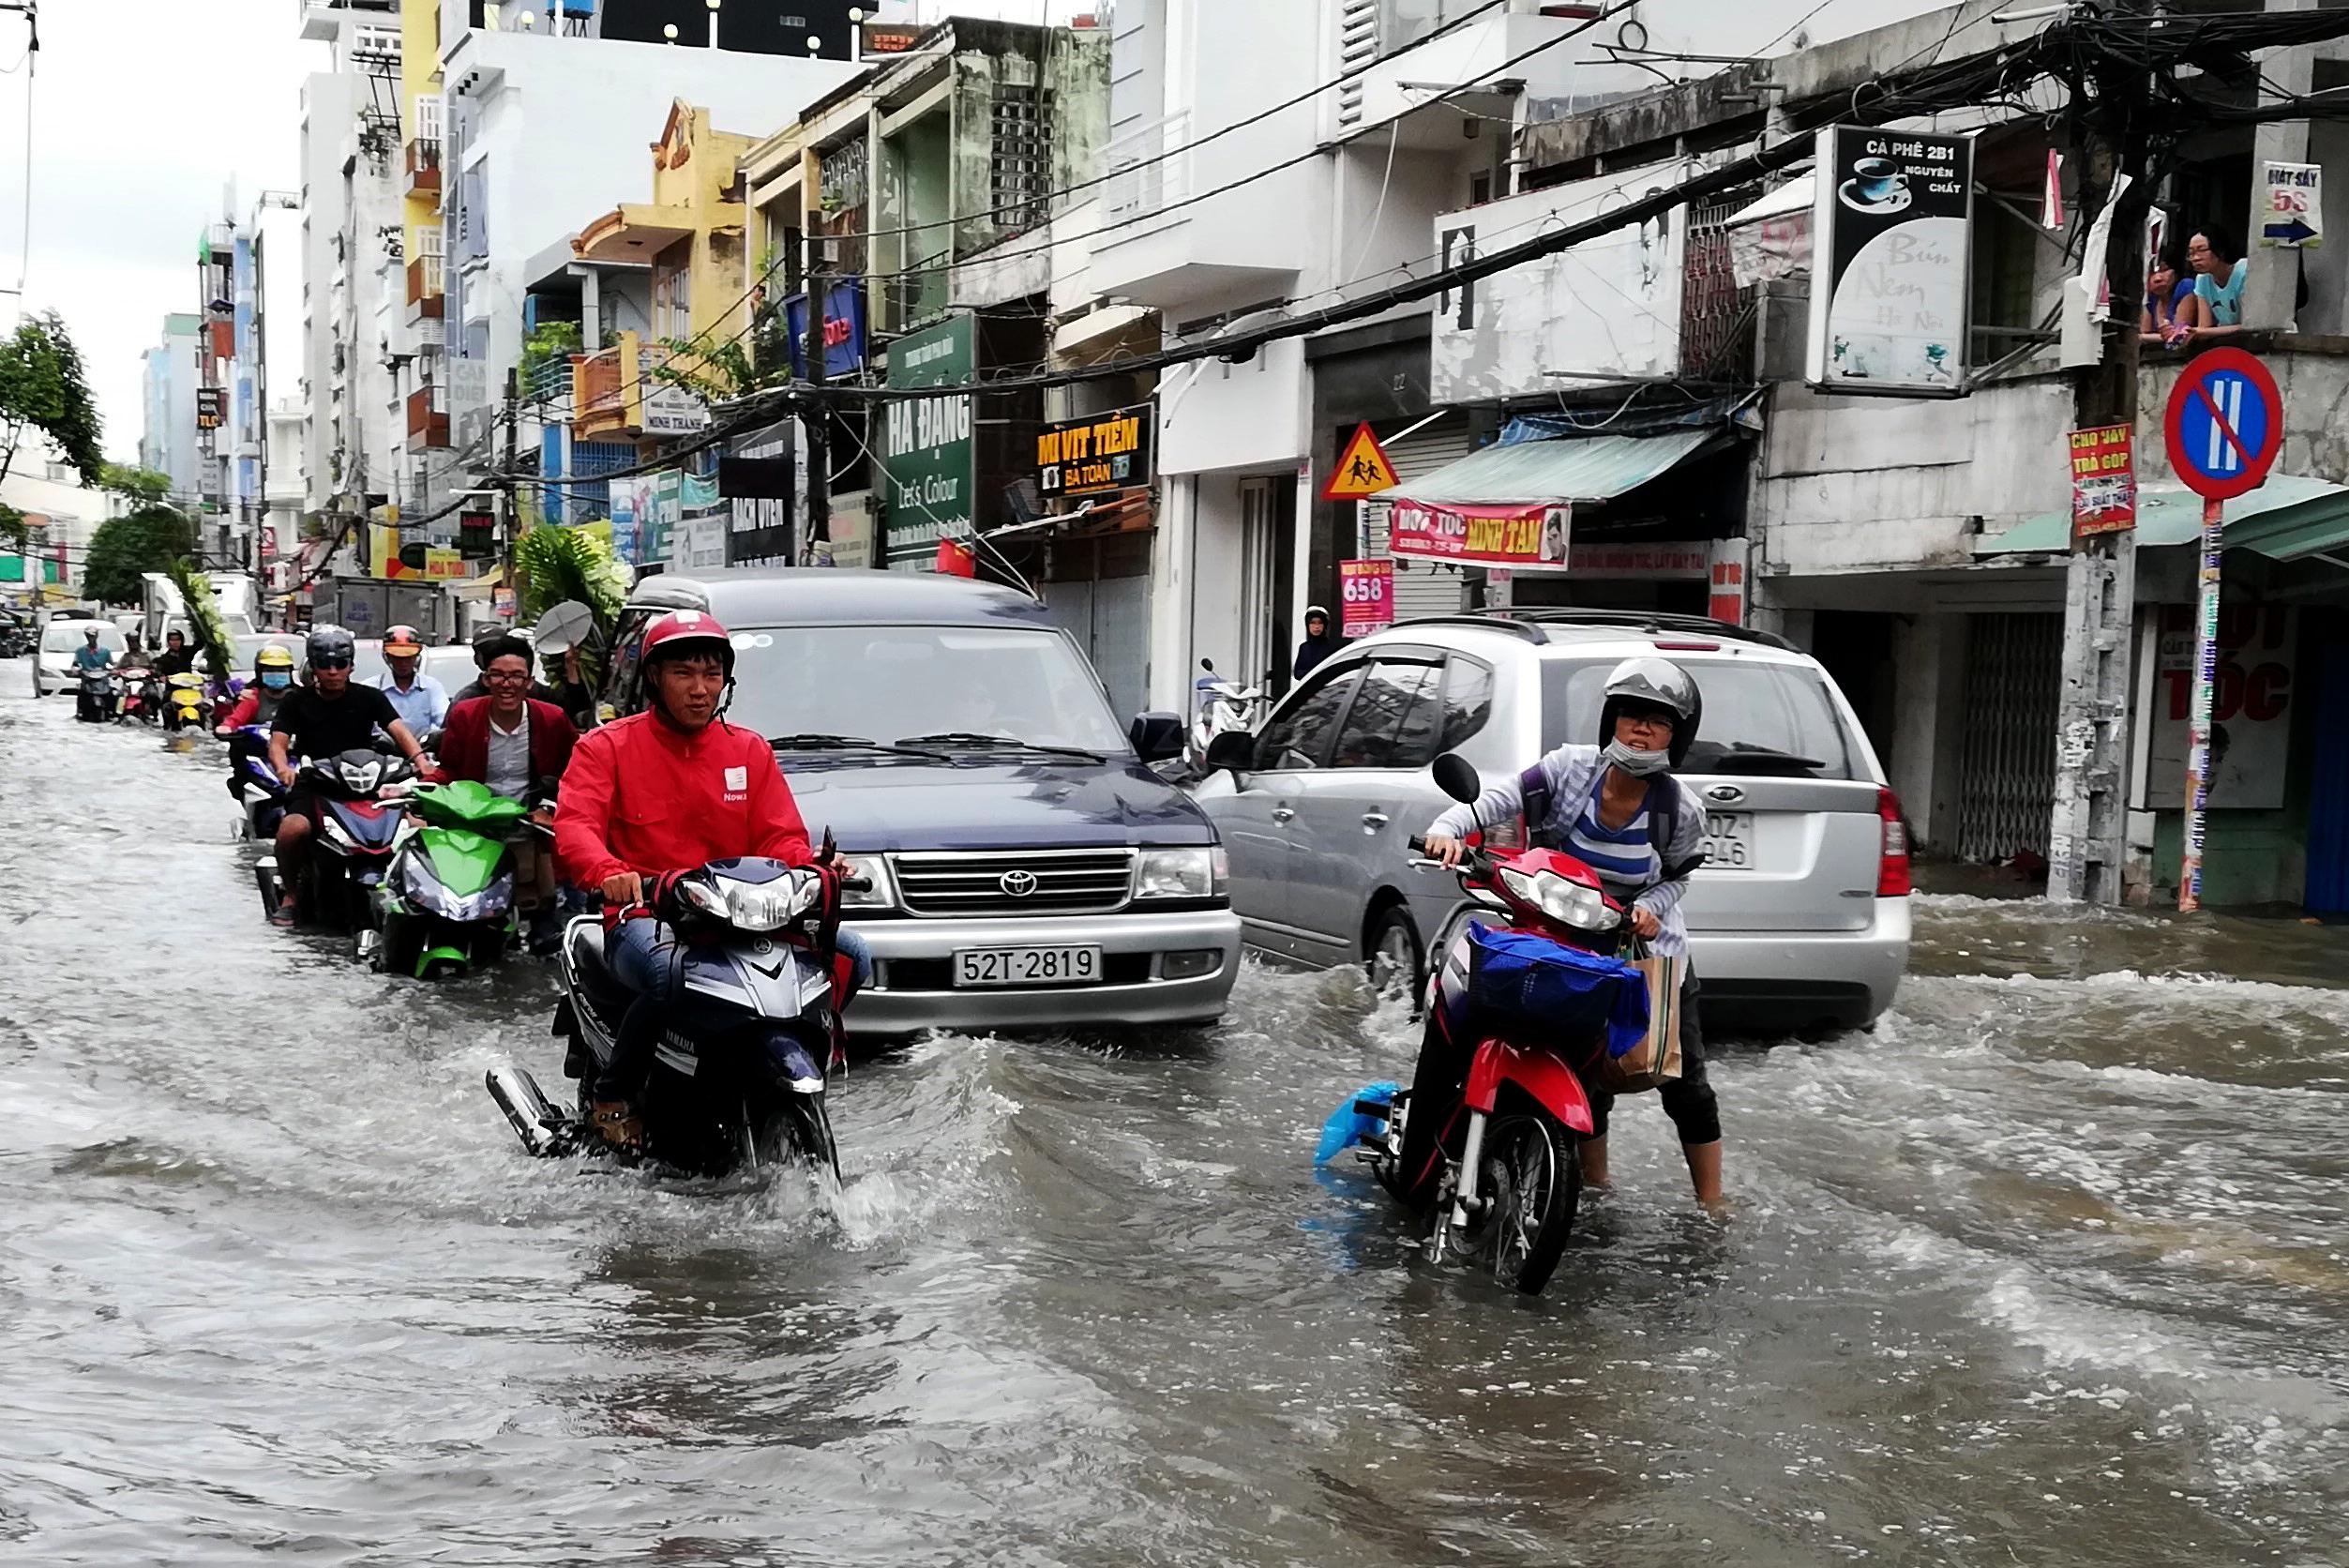 Sau một đêm tơi tả trong bão lịch sử, người Sài Gòn tiếp tục thở không ra hơi vì ngập nước kẹt xe nhiều giờ - Ảnh 12